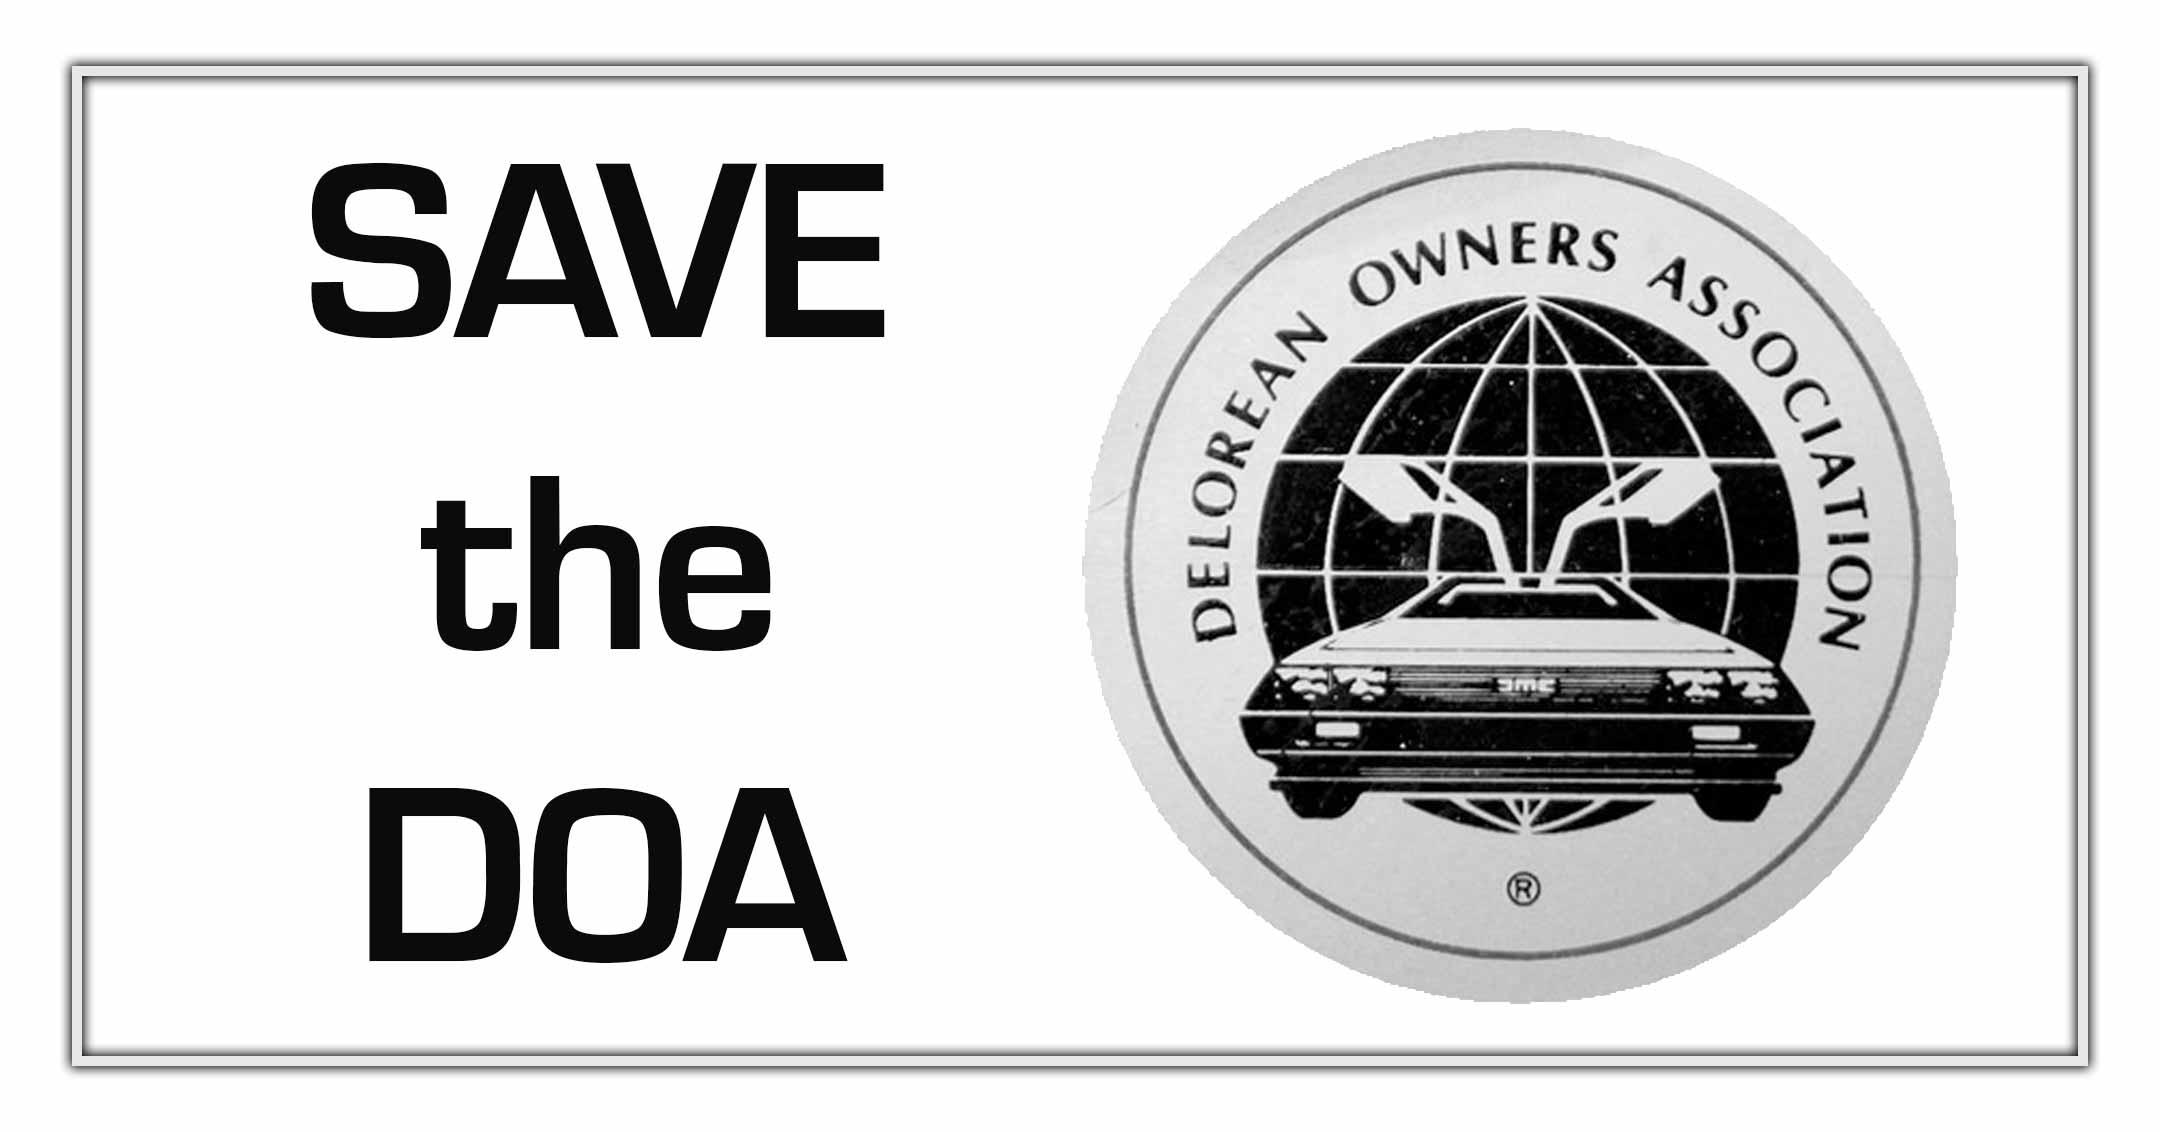 Save the DOA | DeLoreanDirectory.com